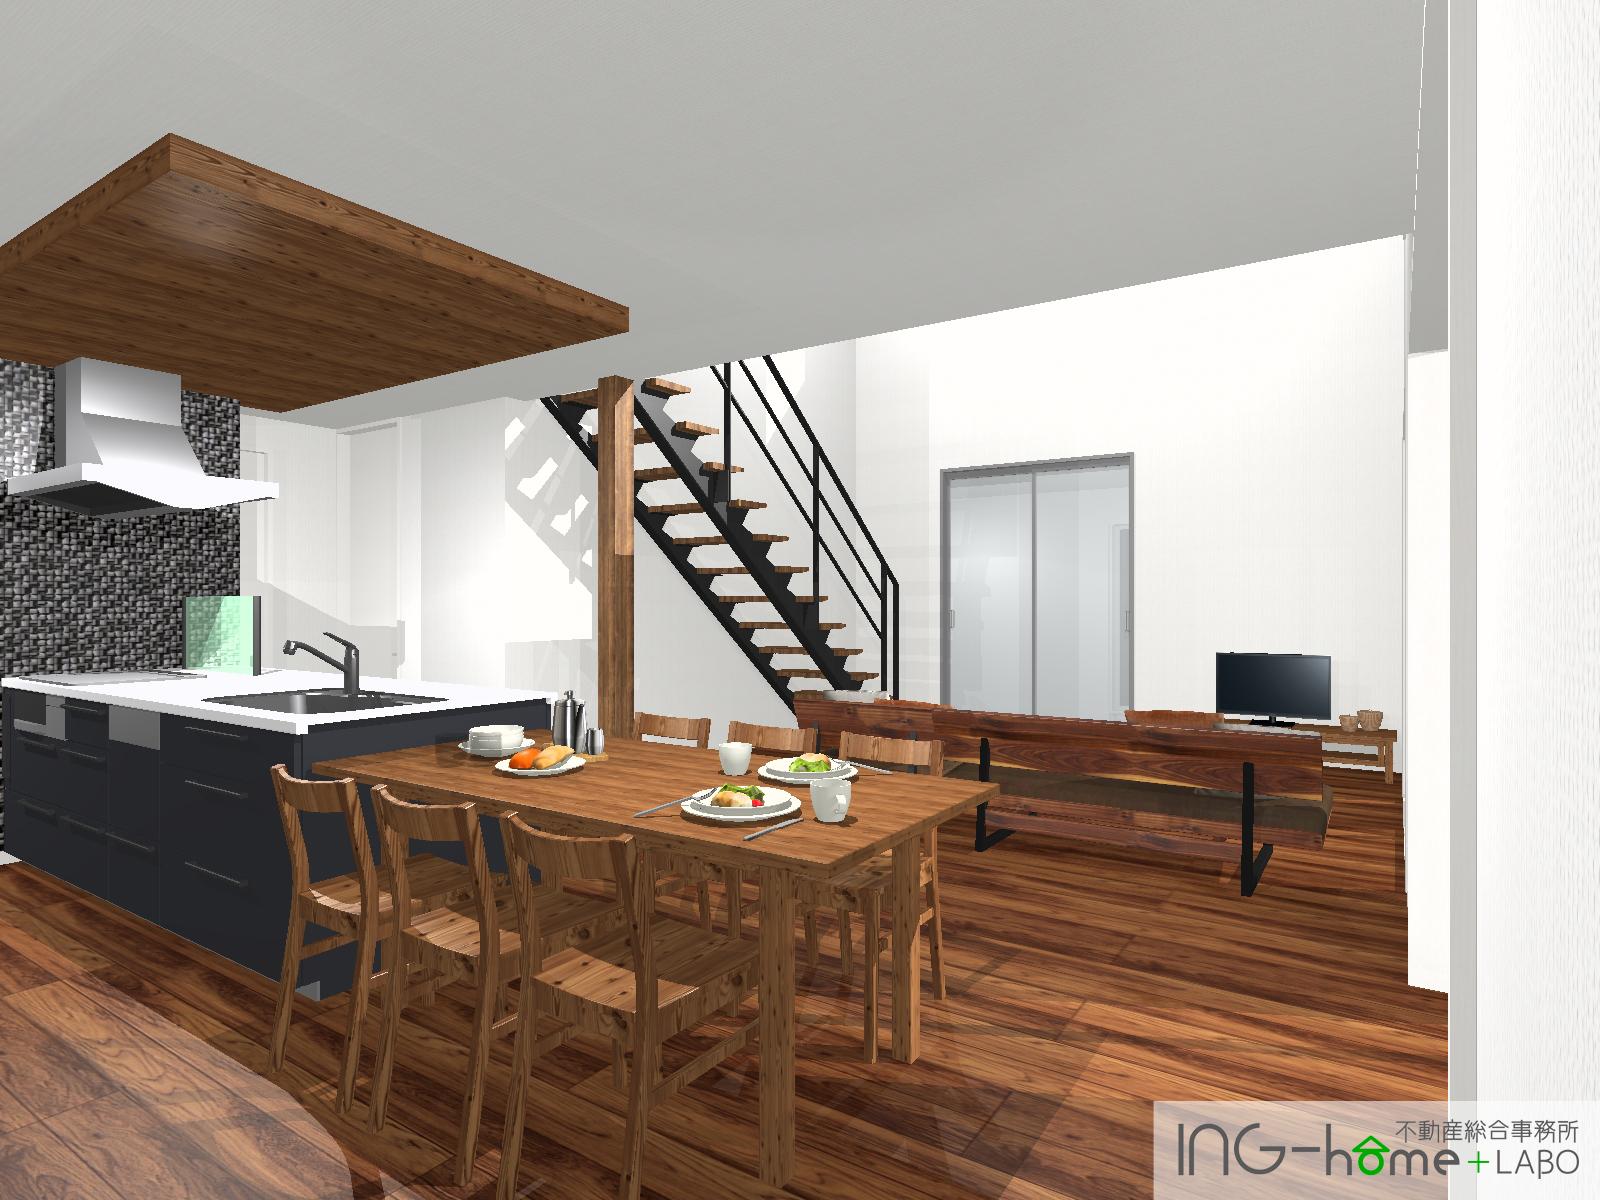 ING-home image plan(内装)